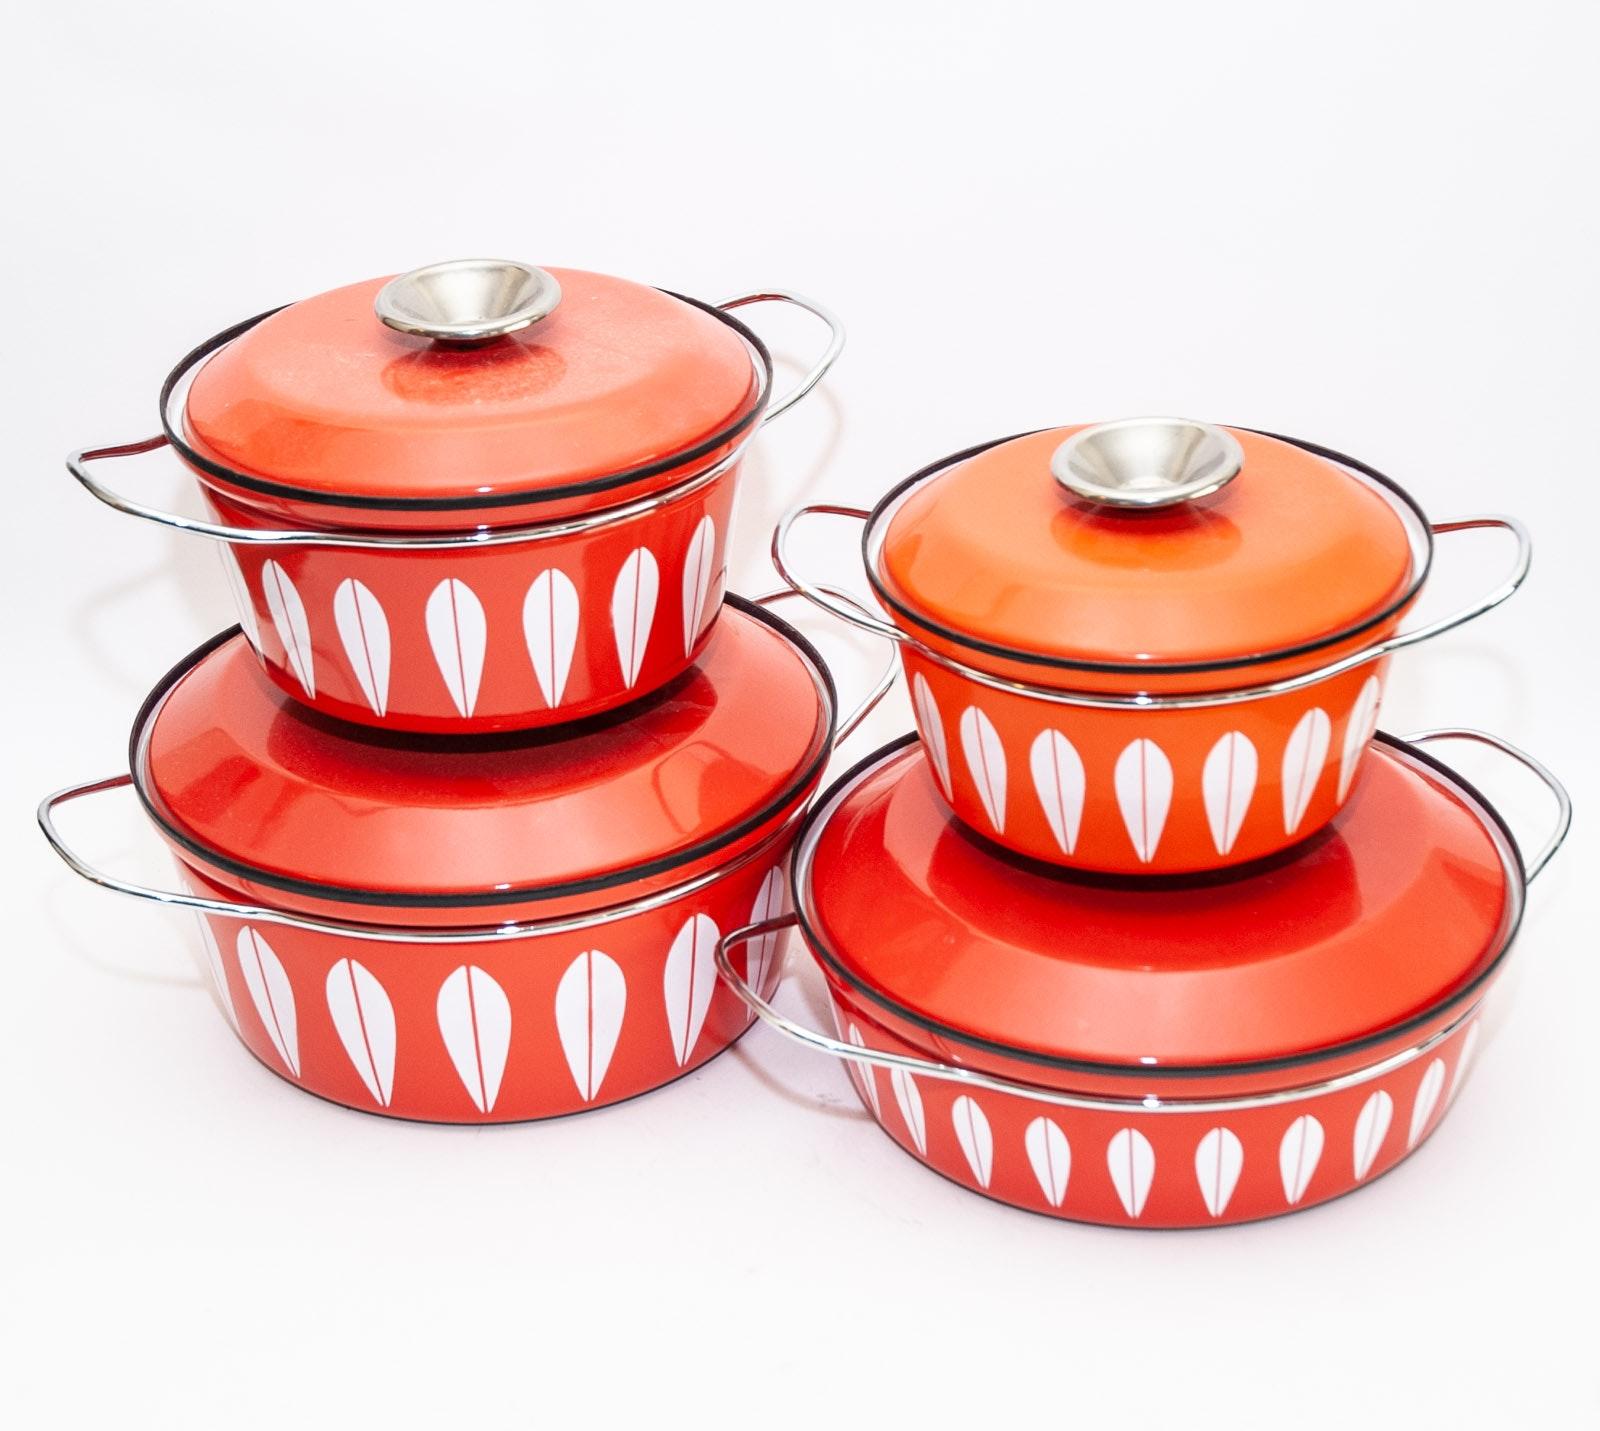 Vintage Cathrineholm of Norway Enamel Cookware